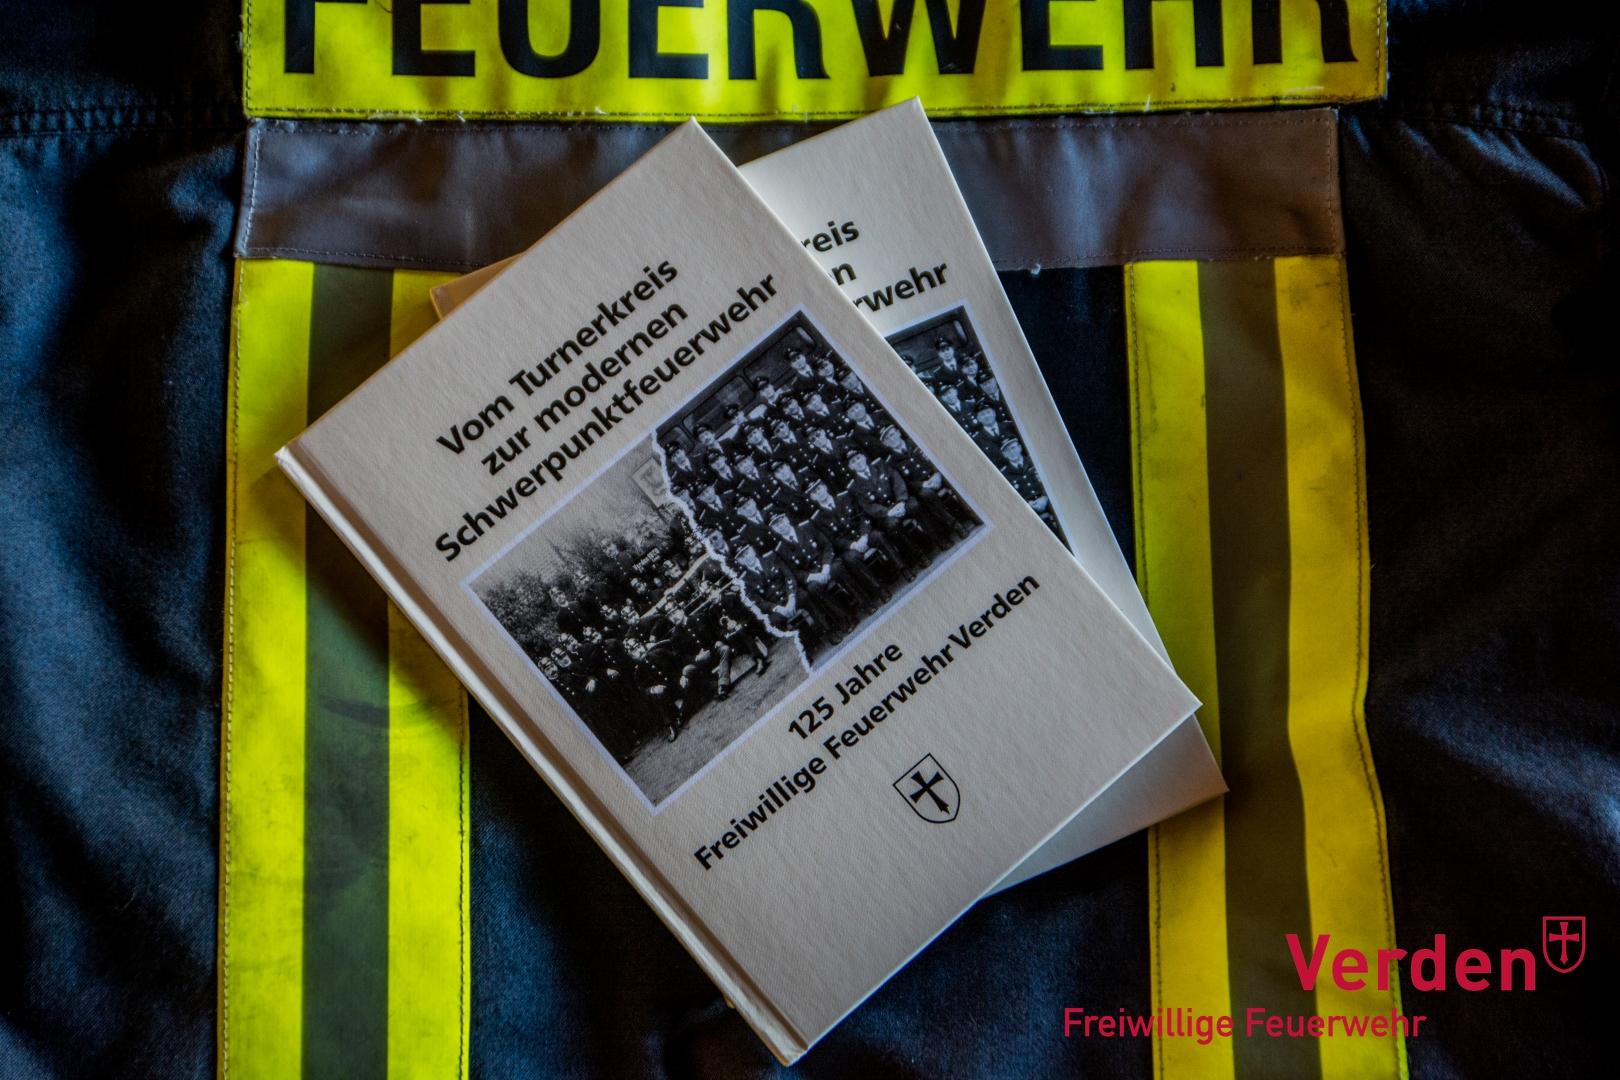 Chronik zum 125 jährigen Jubiläum der Ortsfeuerwehr Verden im Jahre 1994.